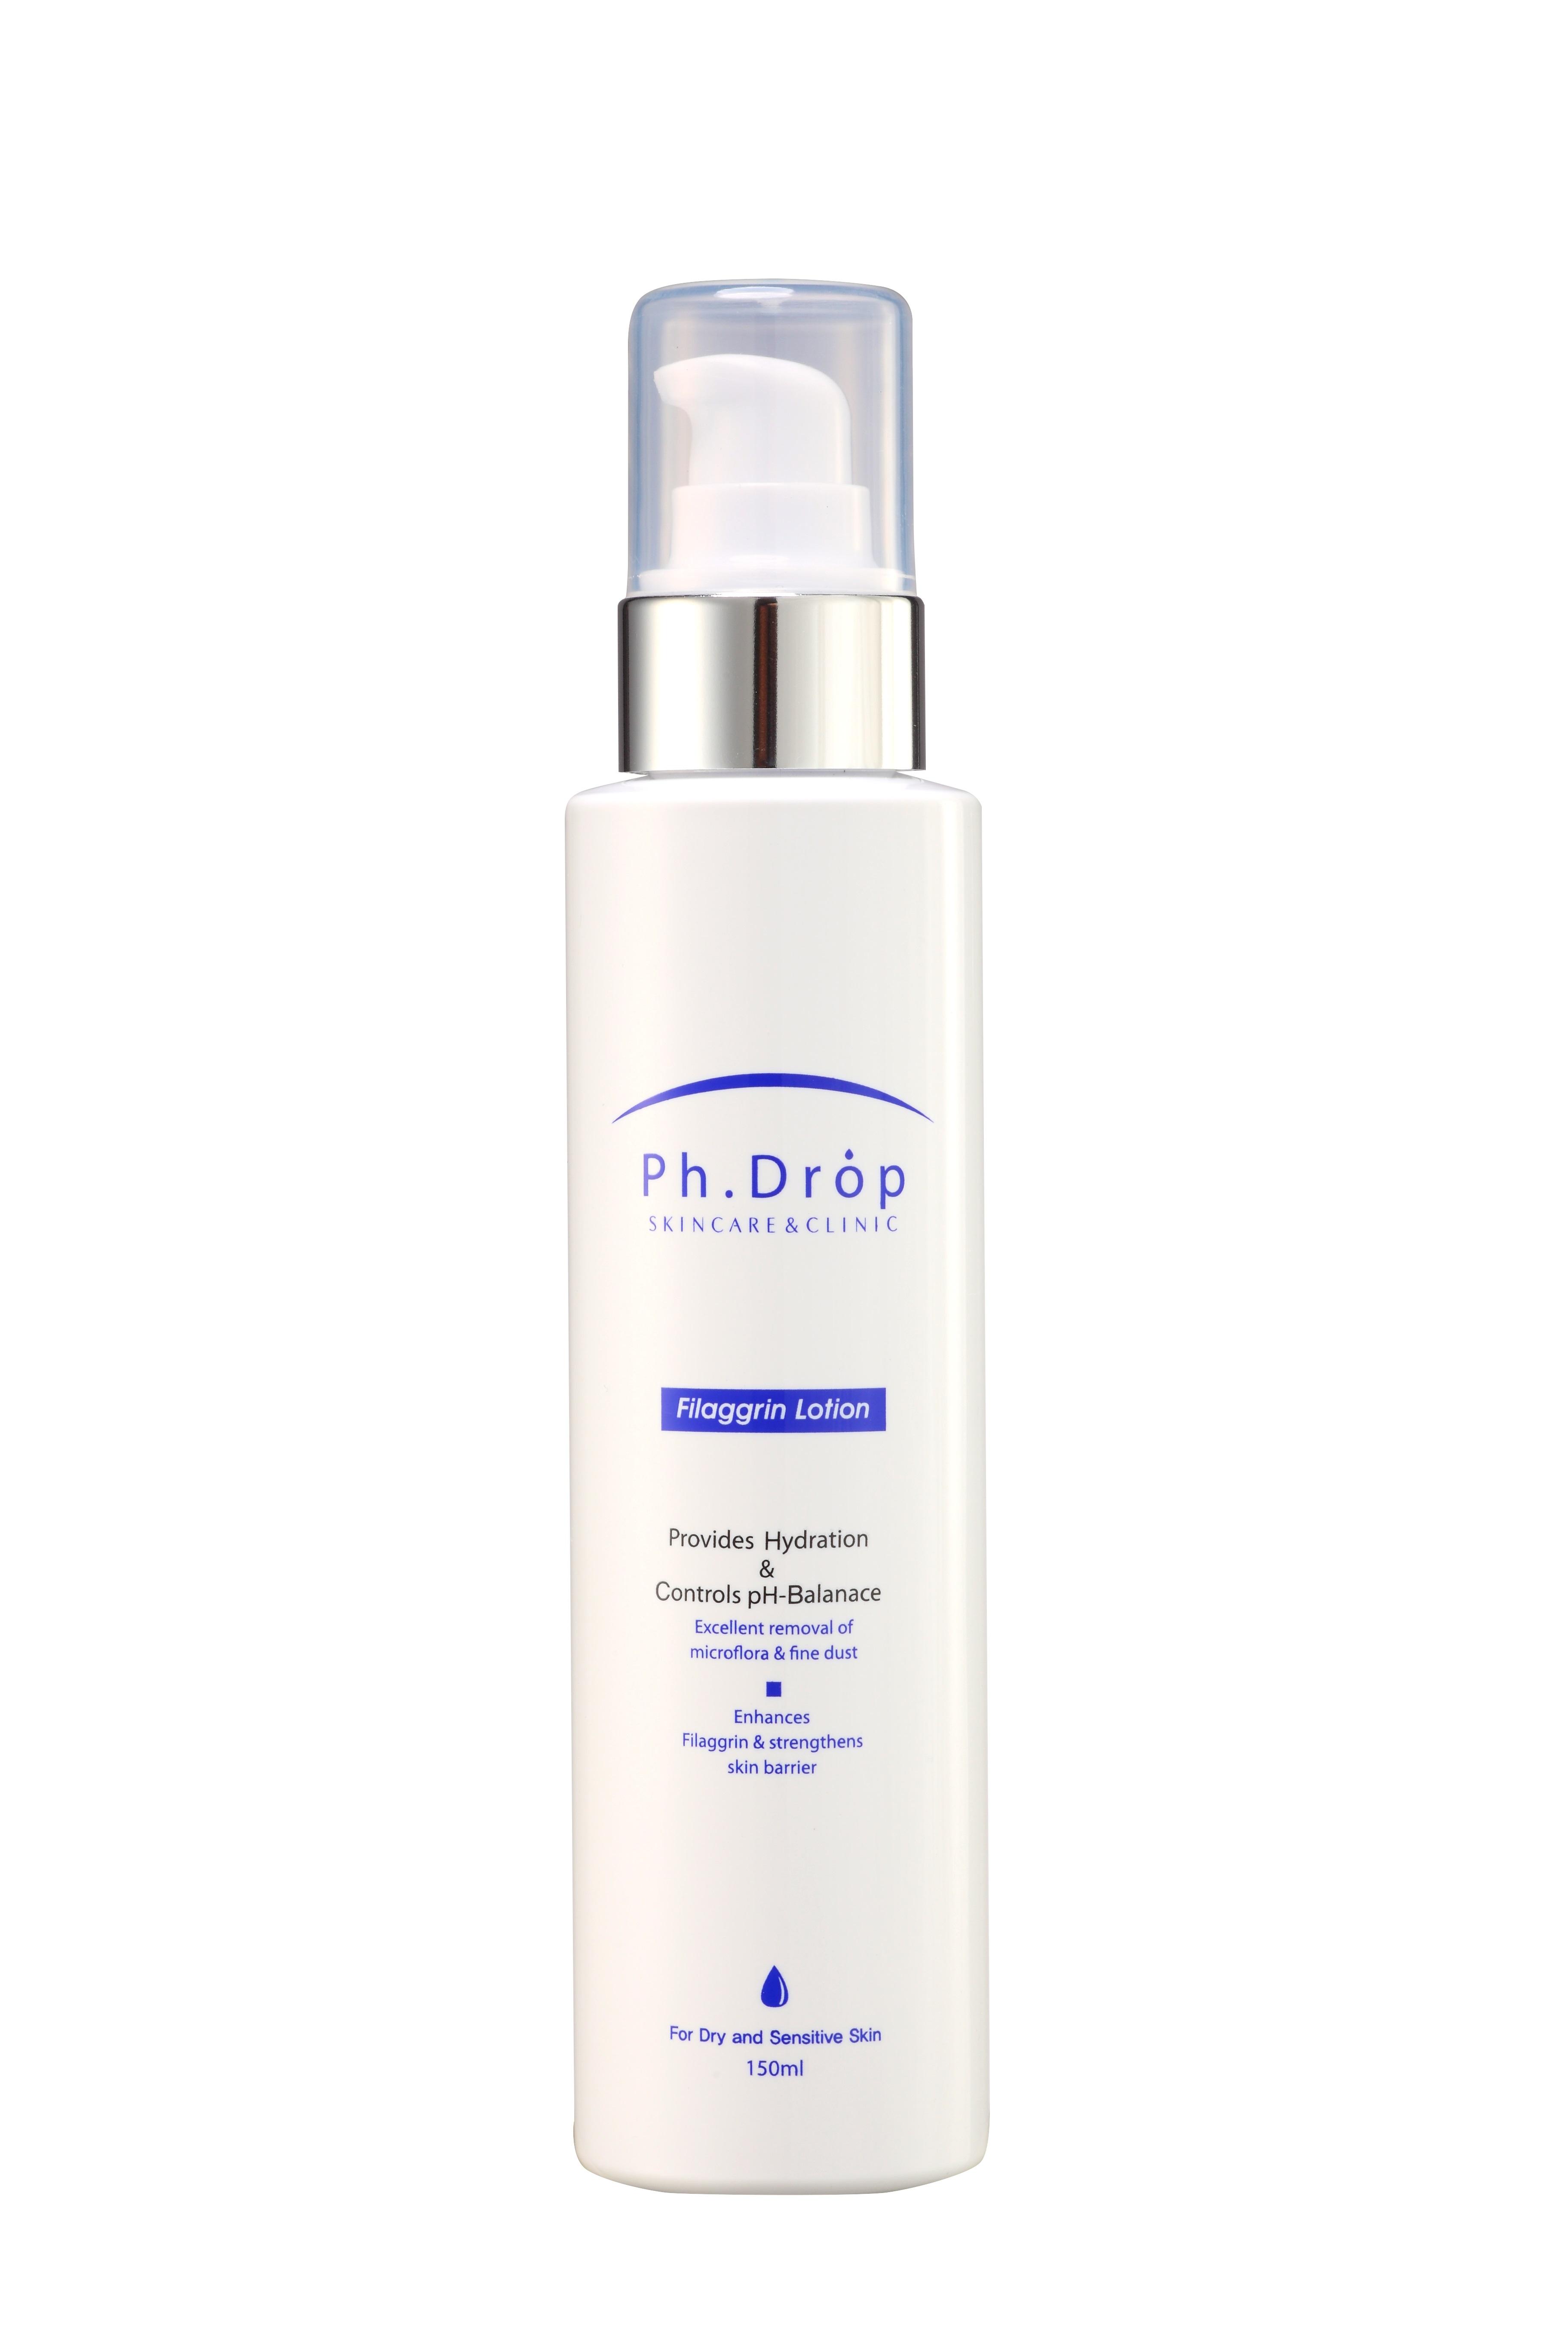 PH.DROP Эмульсия увлажняющая для сухой и чувствительной кожи / Filaggrin Lotion 150 мл - Эмульсии